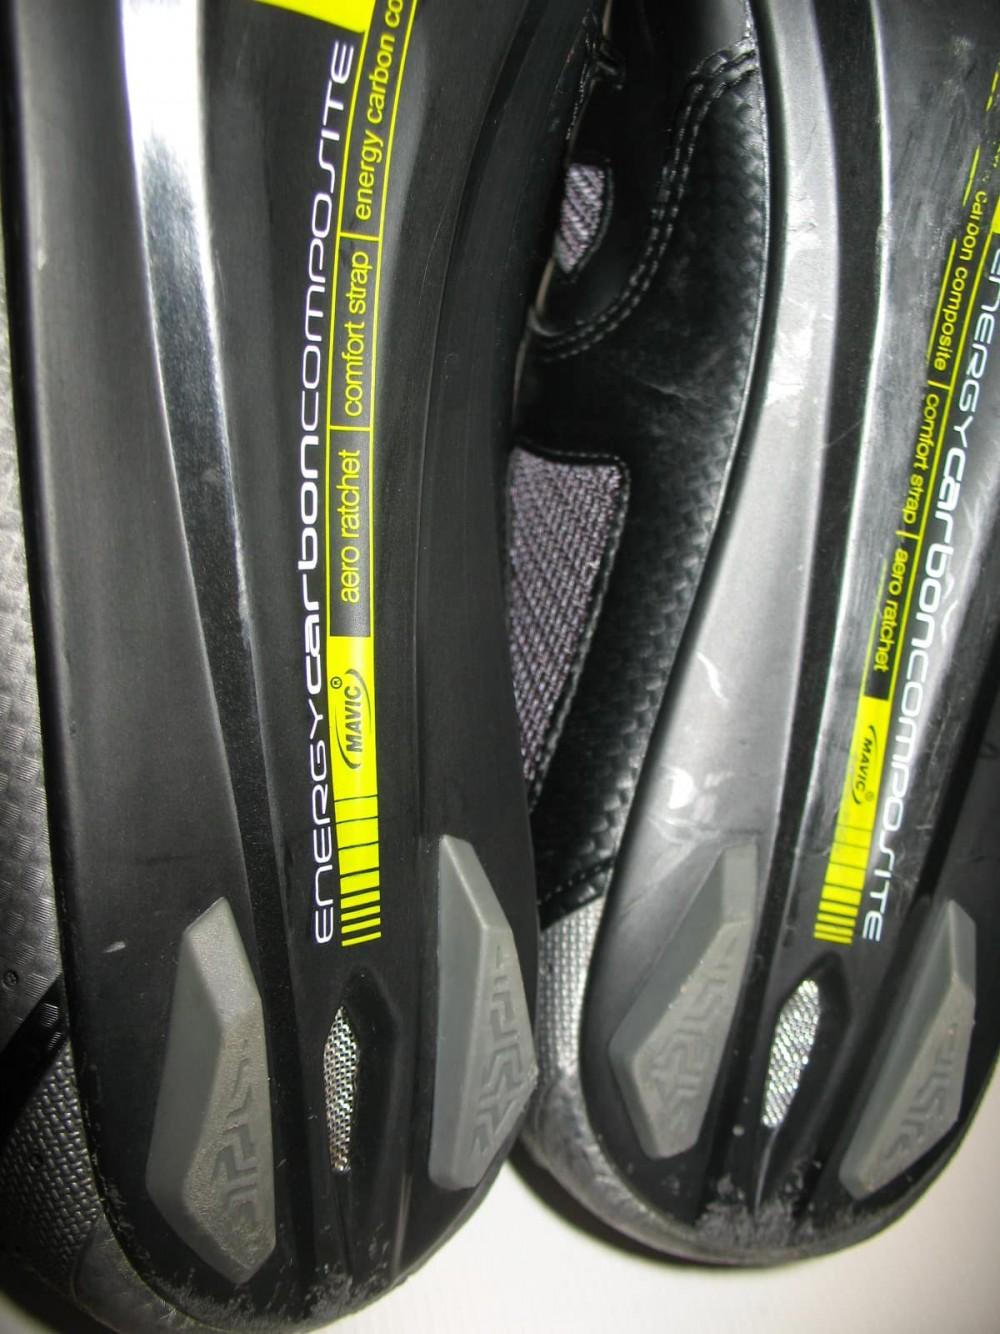 Велотуфли MAVIC avenir road cycling shoes (размер UK11/US11.5/EU46(на стопу до 295 mm)) - 10